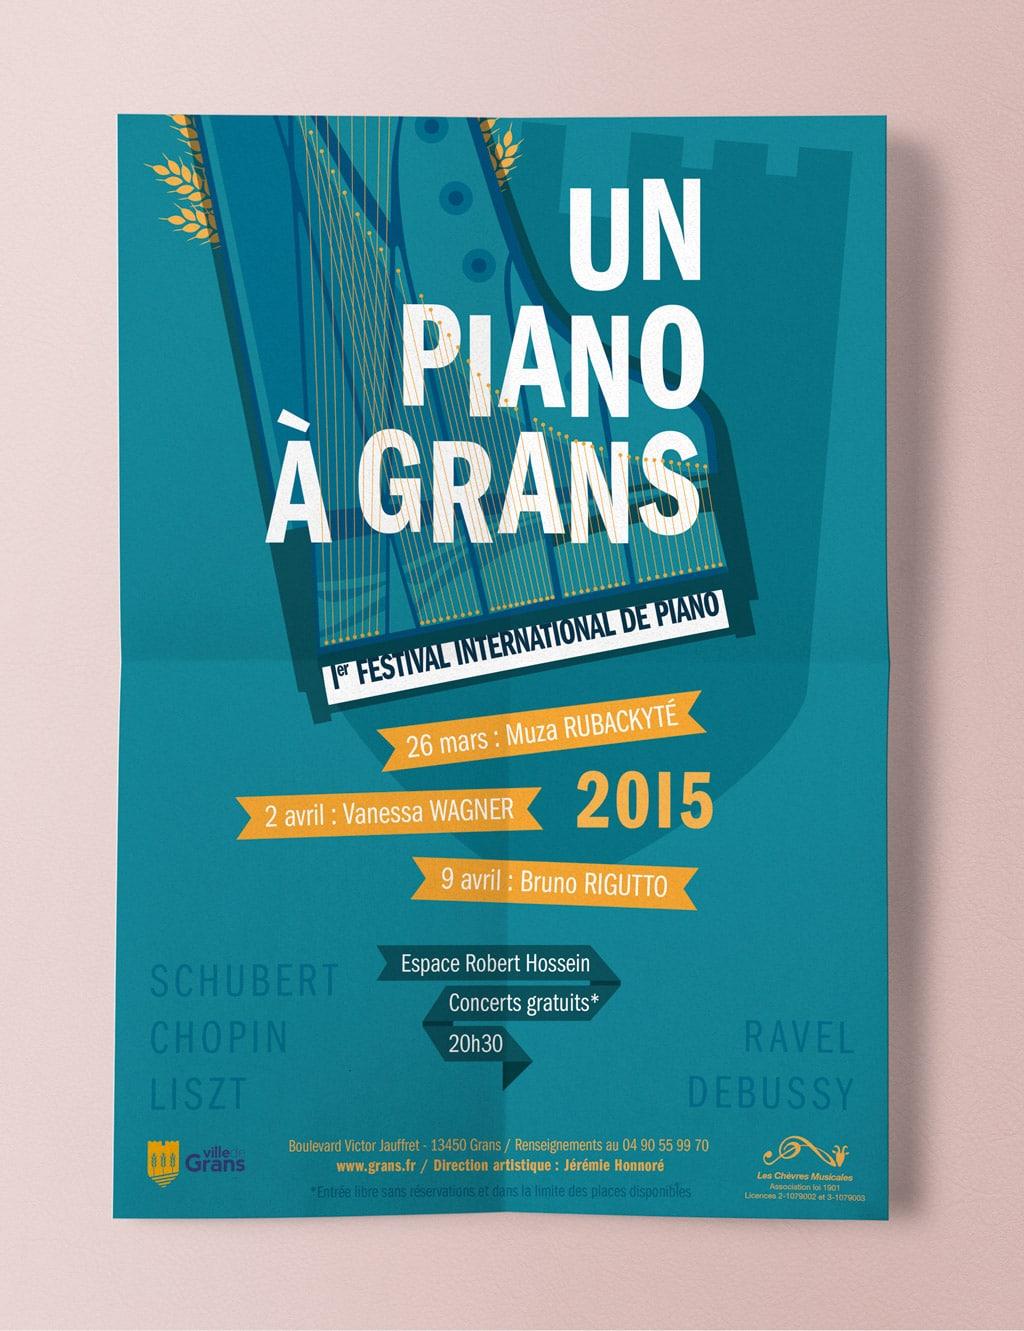 Poster for the International Piano Festival, Un Piano à Grans